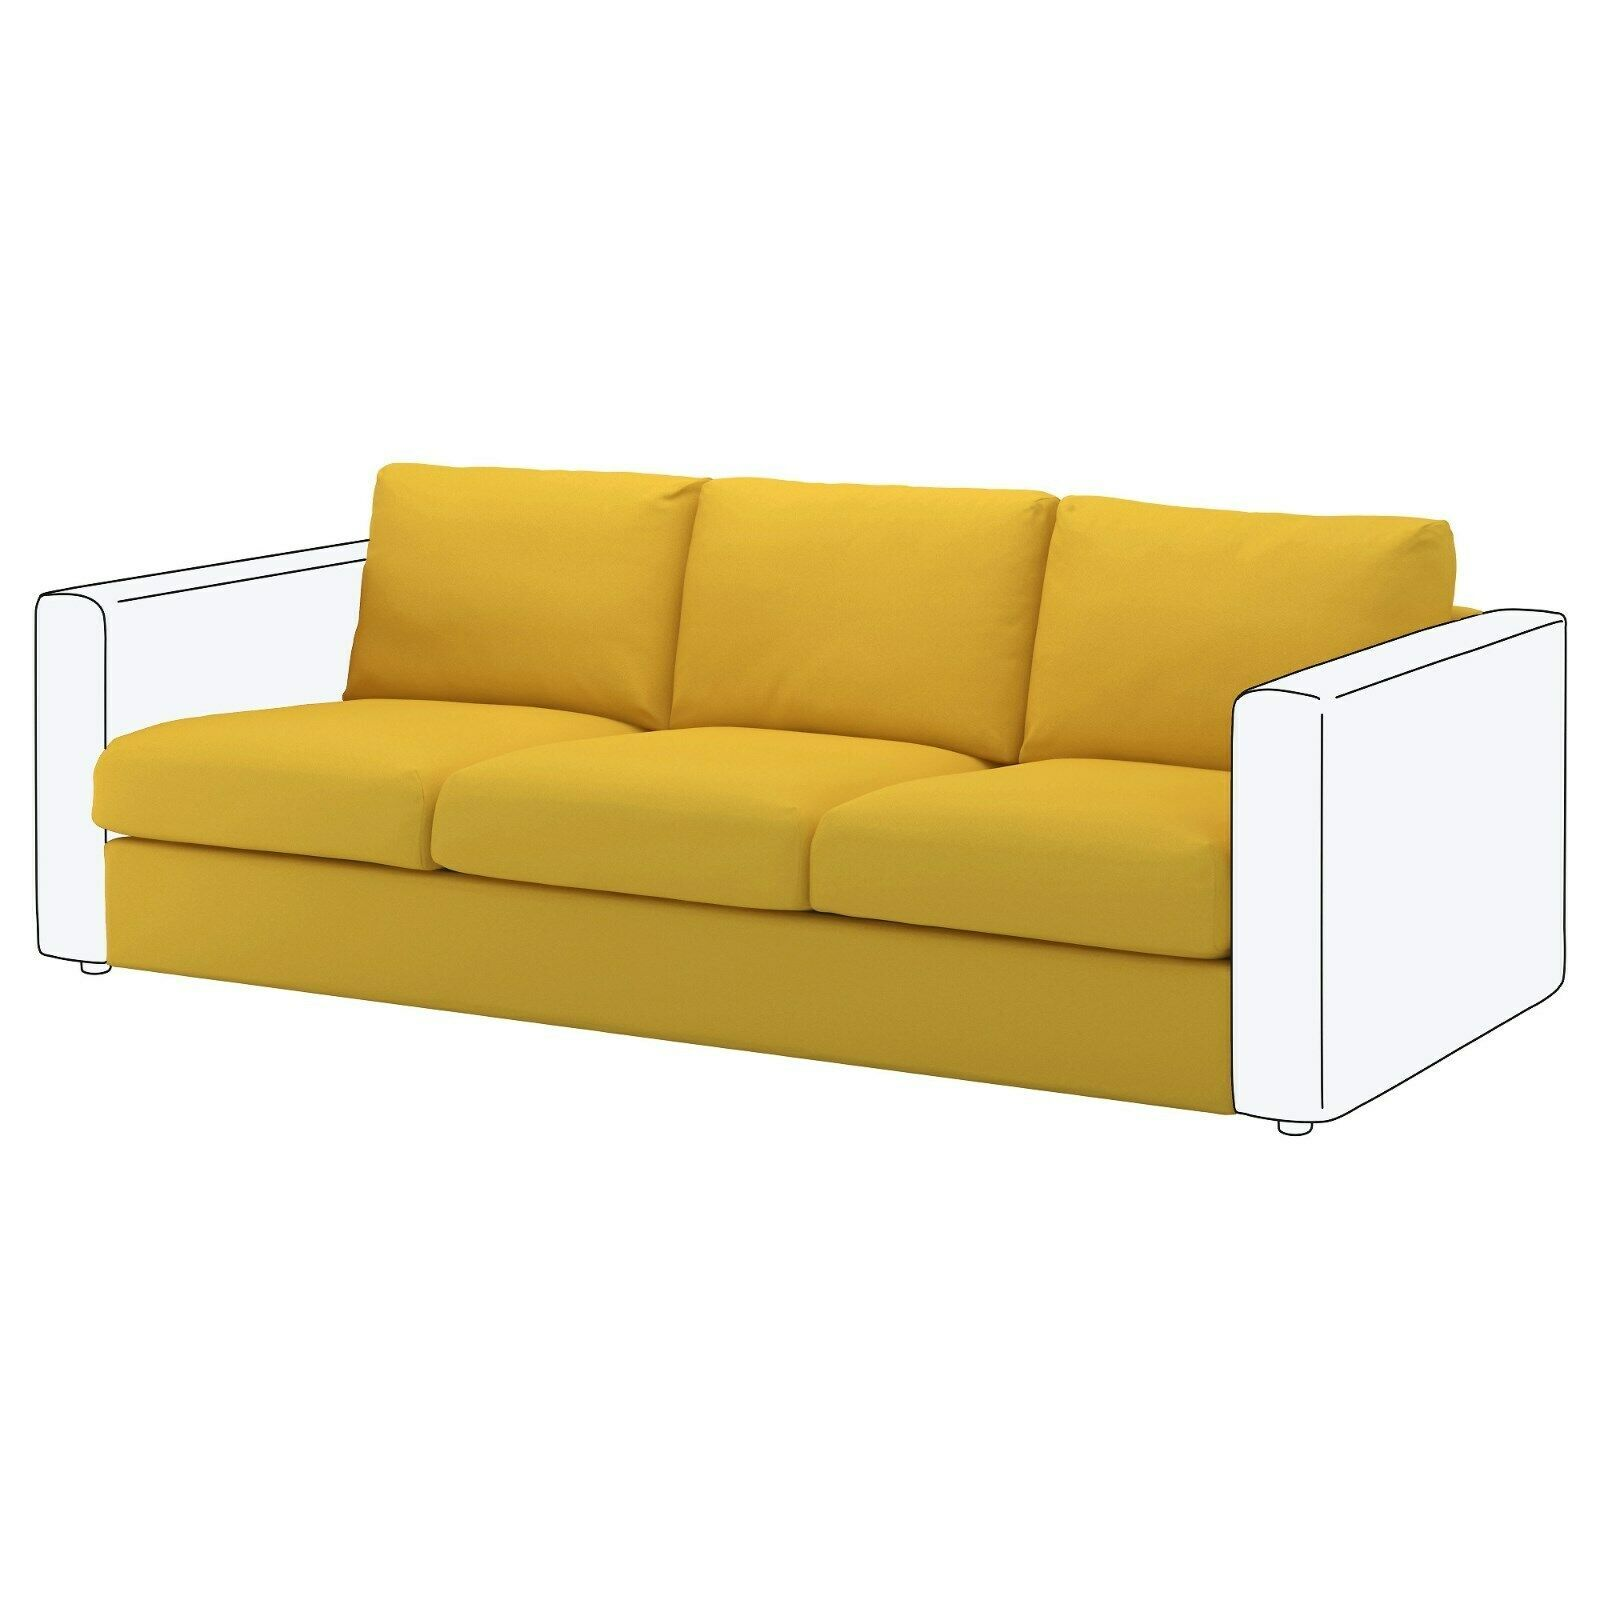 Ikea Vimle Slipcover For 3 Seat Sofa Orrsta Golden Yellow 203 510 73 Brand New Ikea Sofa Ideas Of Ikea Sofa So In 2020 Ikea Sofa Ikea Vimle Modular Sectional Sofa